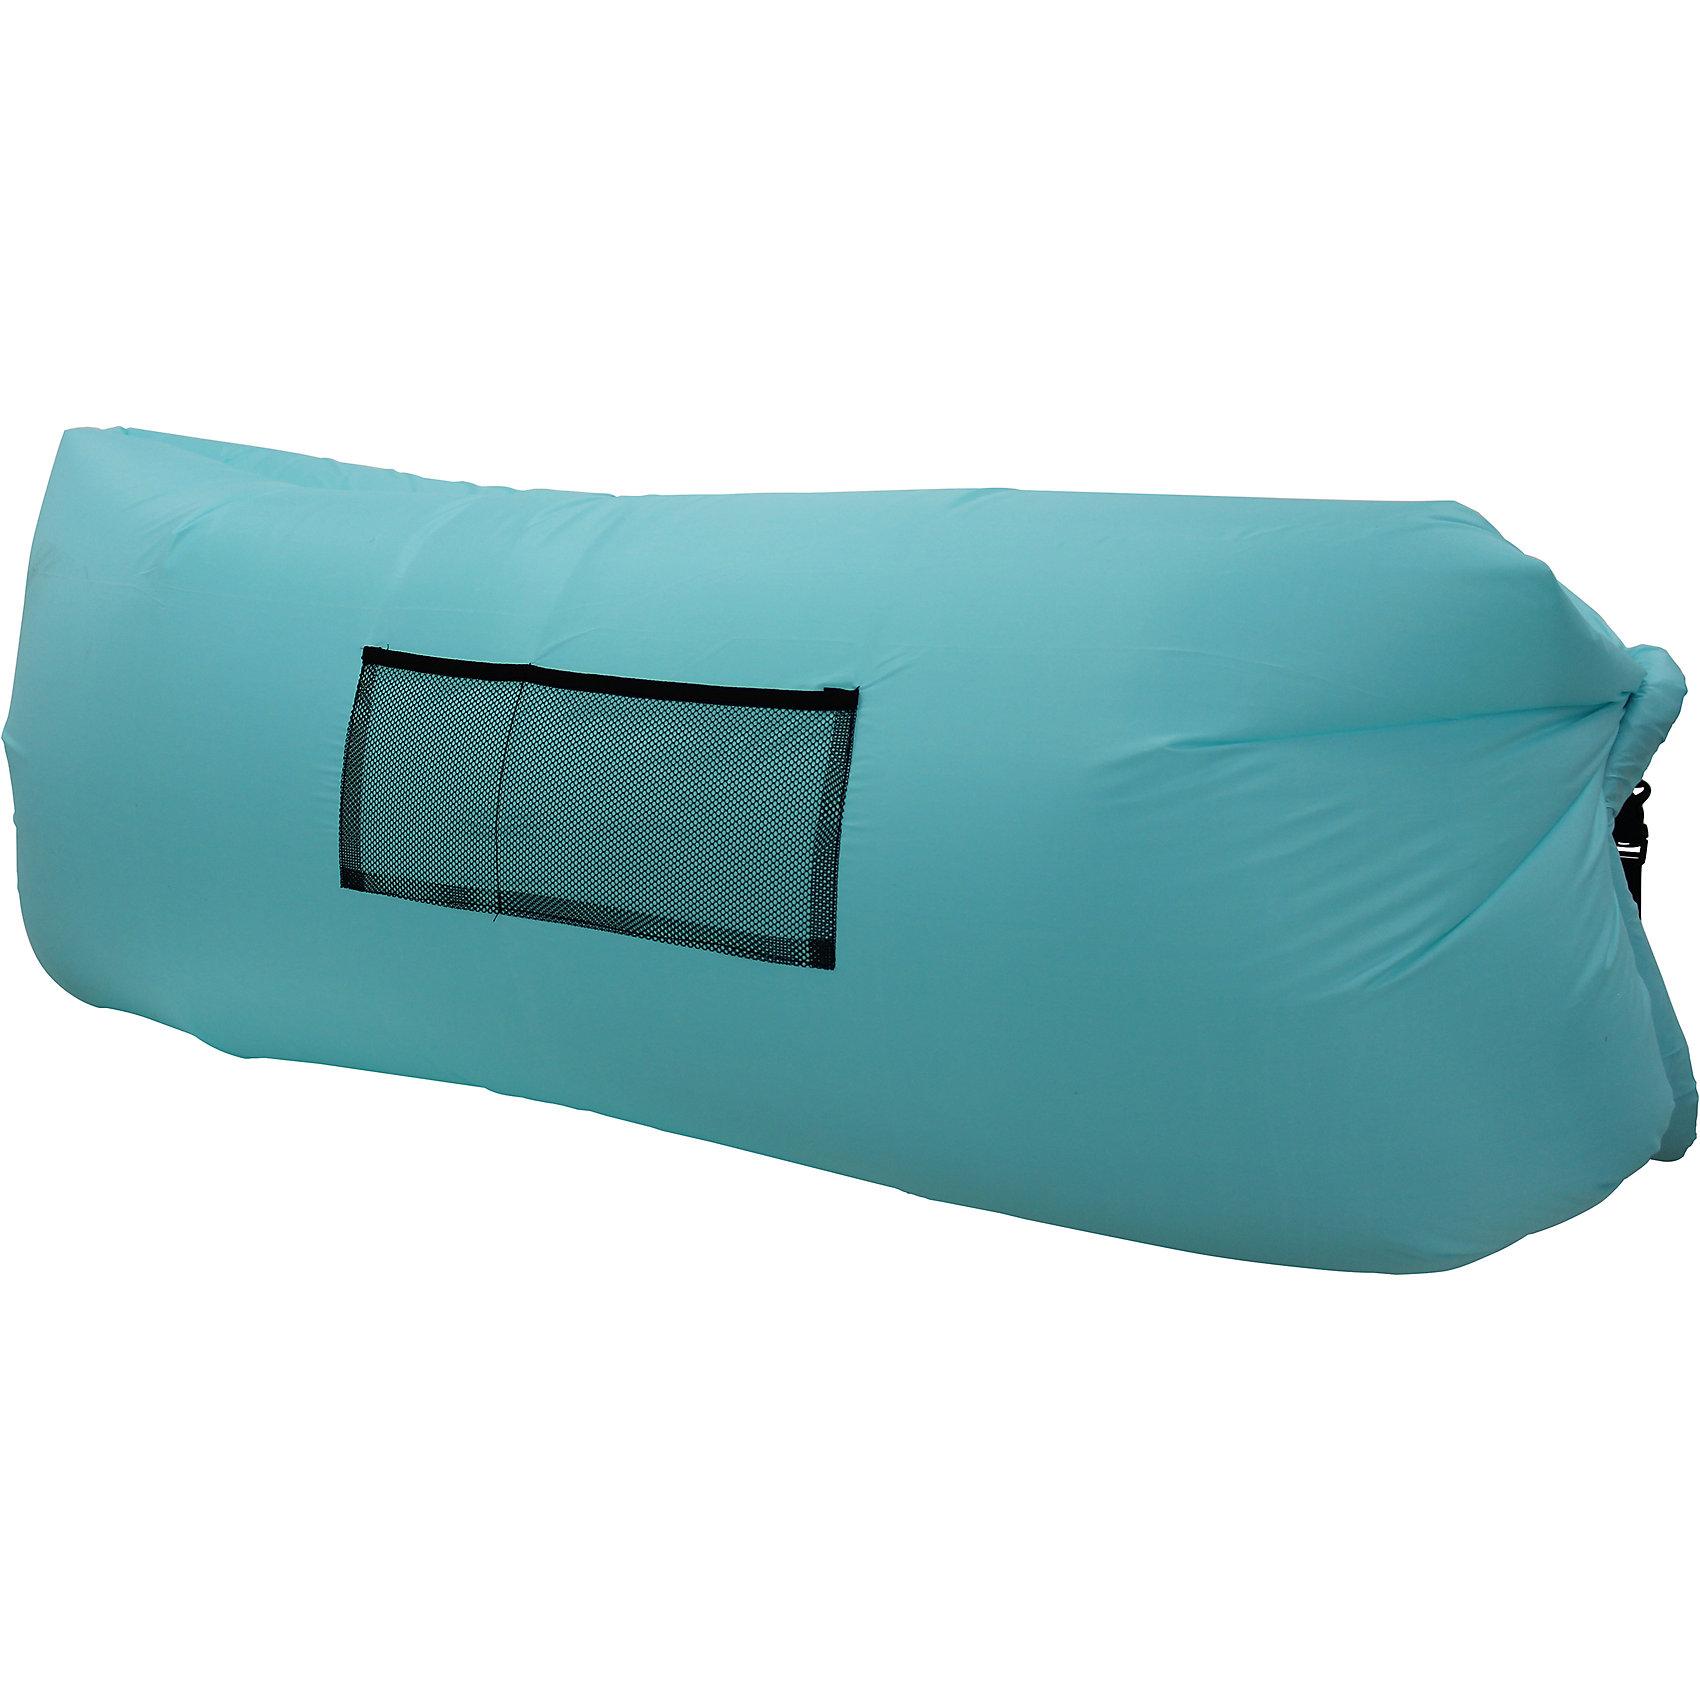 Надувной лежак, бирюзовый